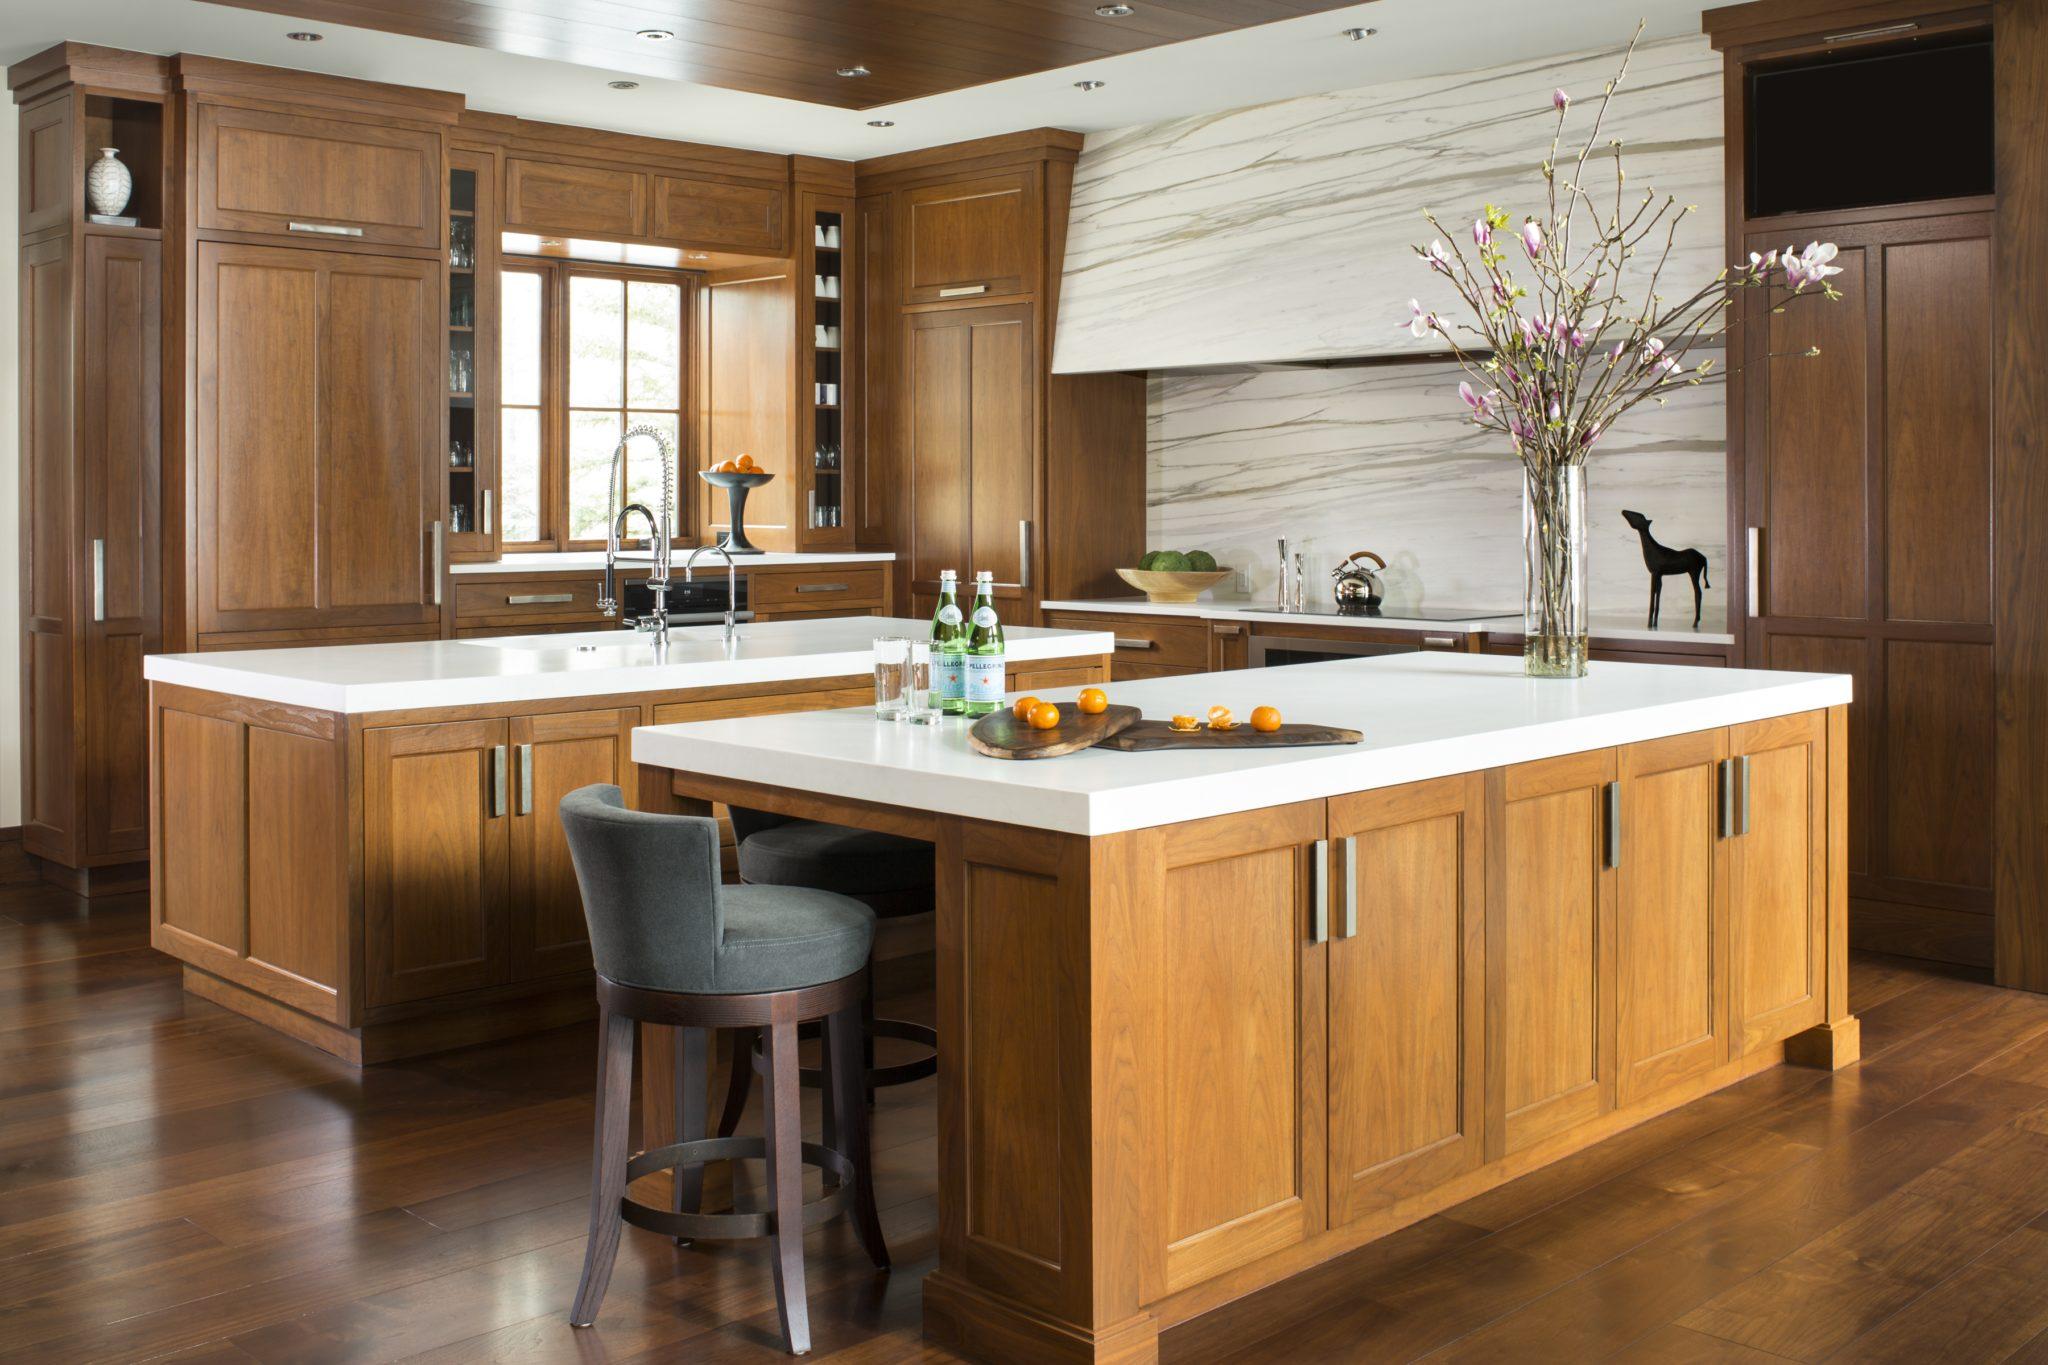 Elegant & Sophisticated - Beaver Creek, CO, by Slifer Designs